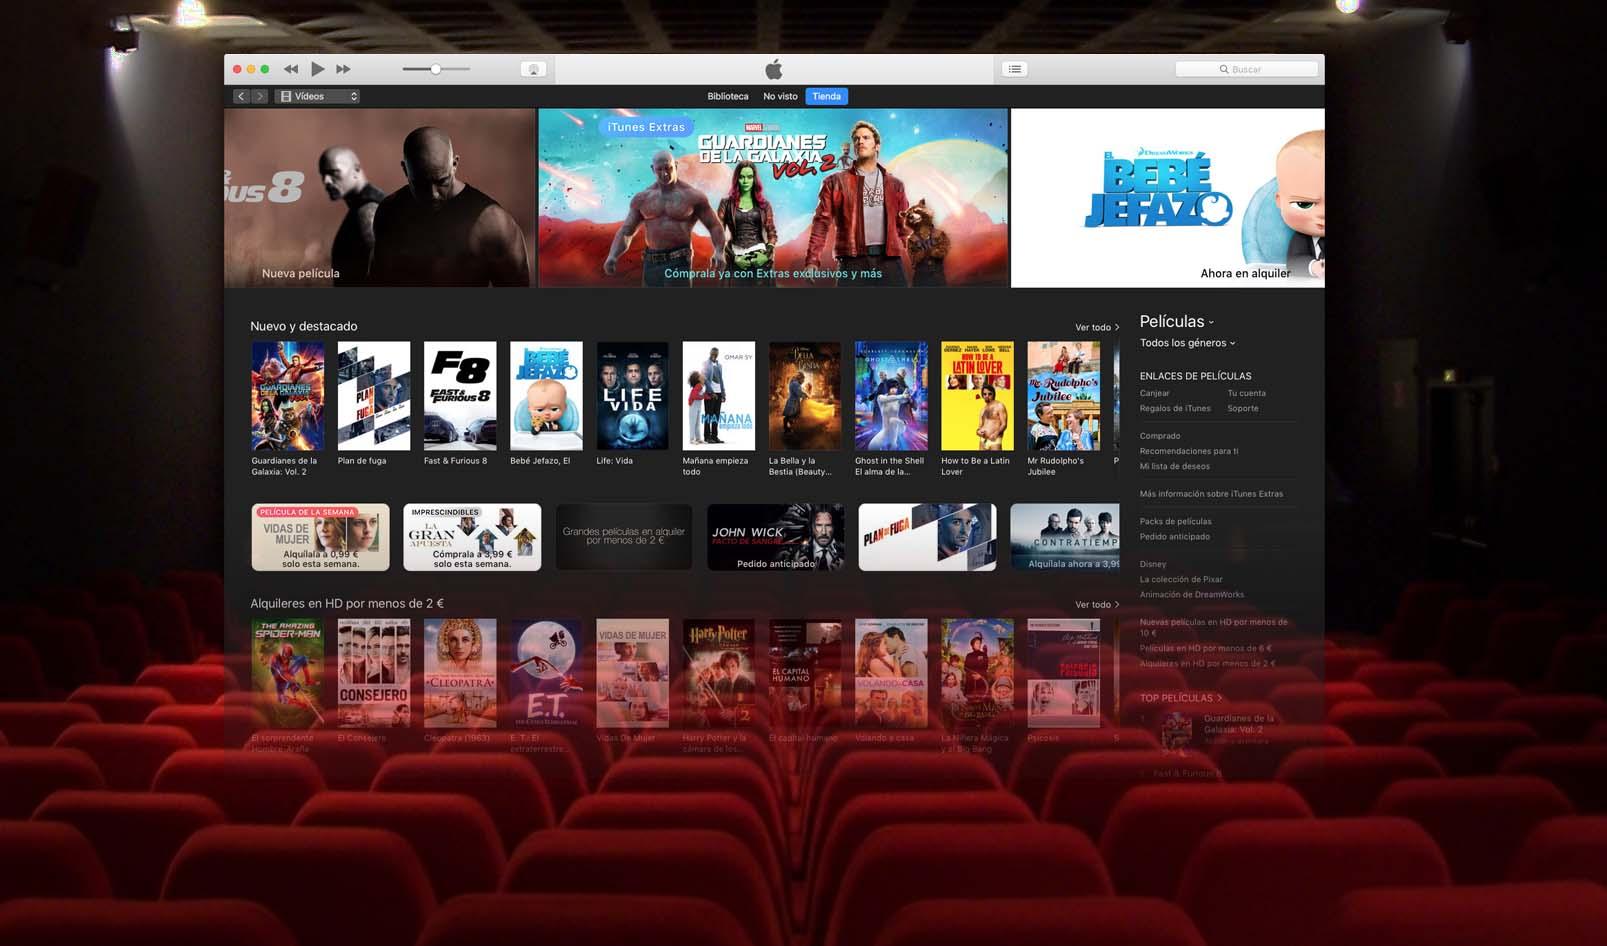 Los estrenos de cine podrían llegar a iTunes tan sólo 4 semanas después de empezar a exhibirse en salas